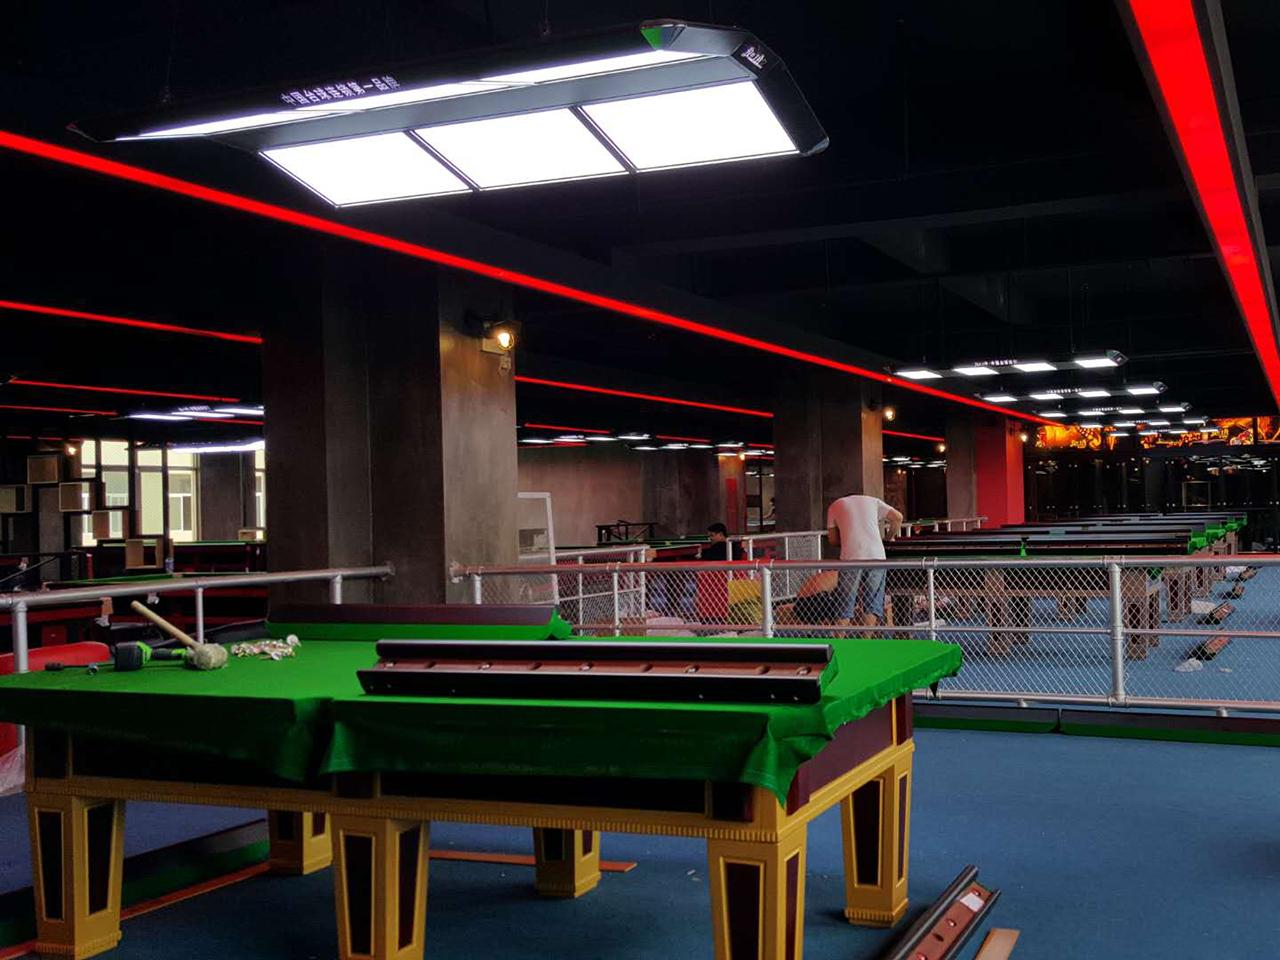 台球桌厂家介绍国际比赛专用台球桌尺寸